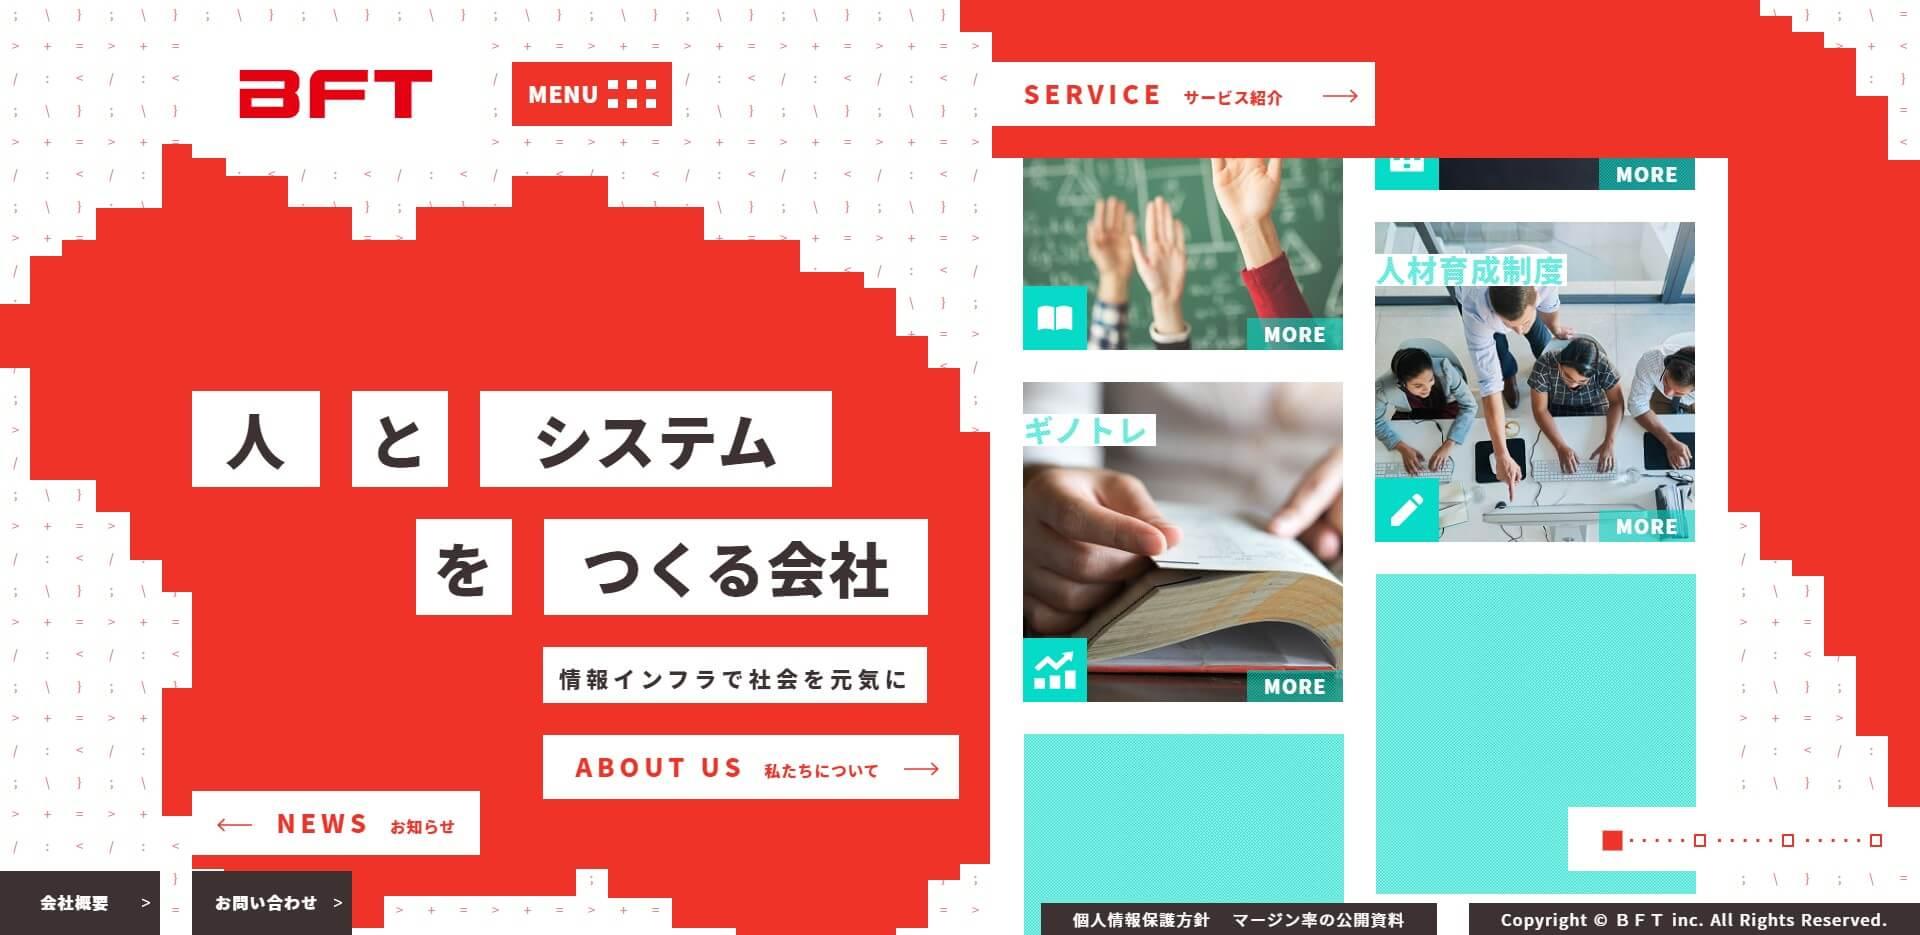 【最新】勝手にホームページリニューアル分析〜株式会社BFT編〜